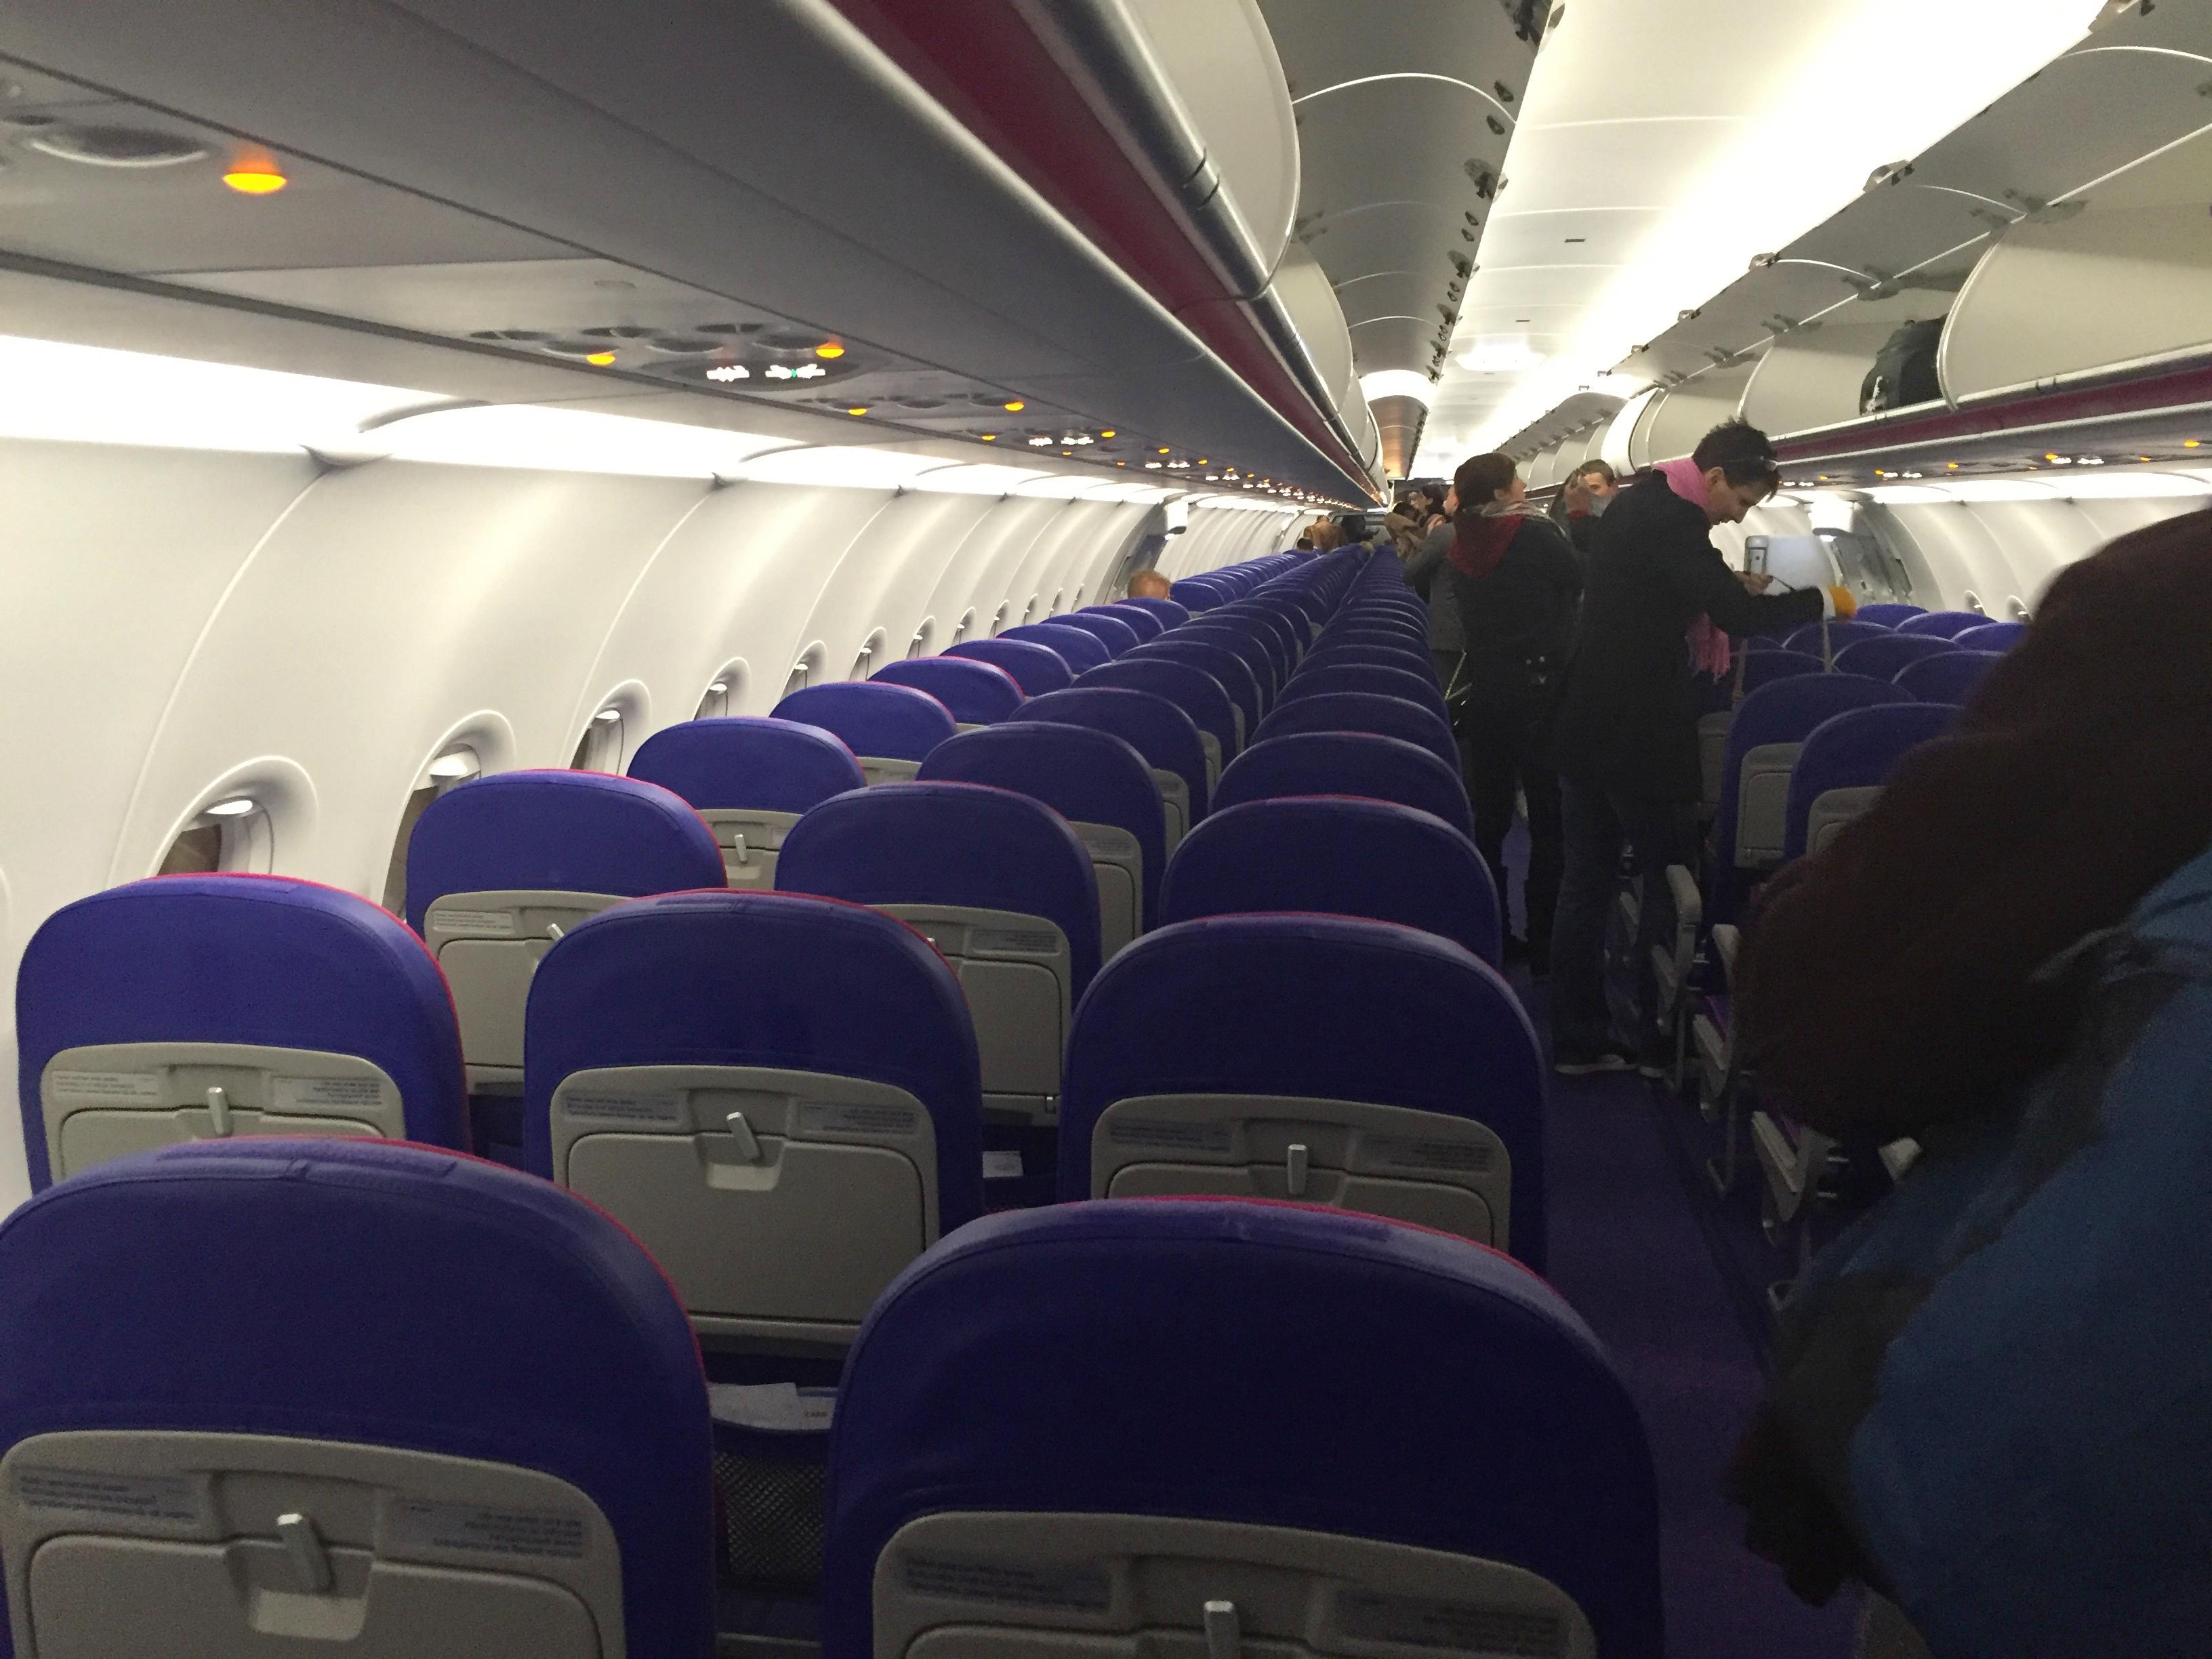 Wizz A321 cabin